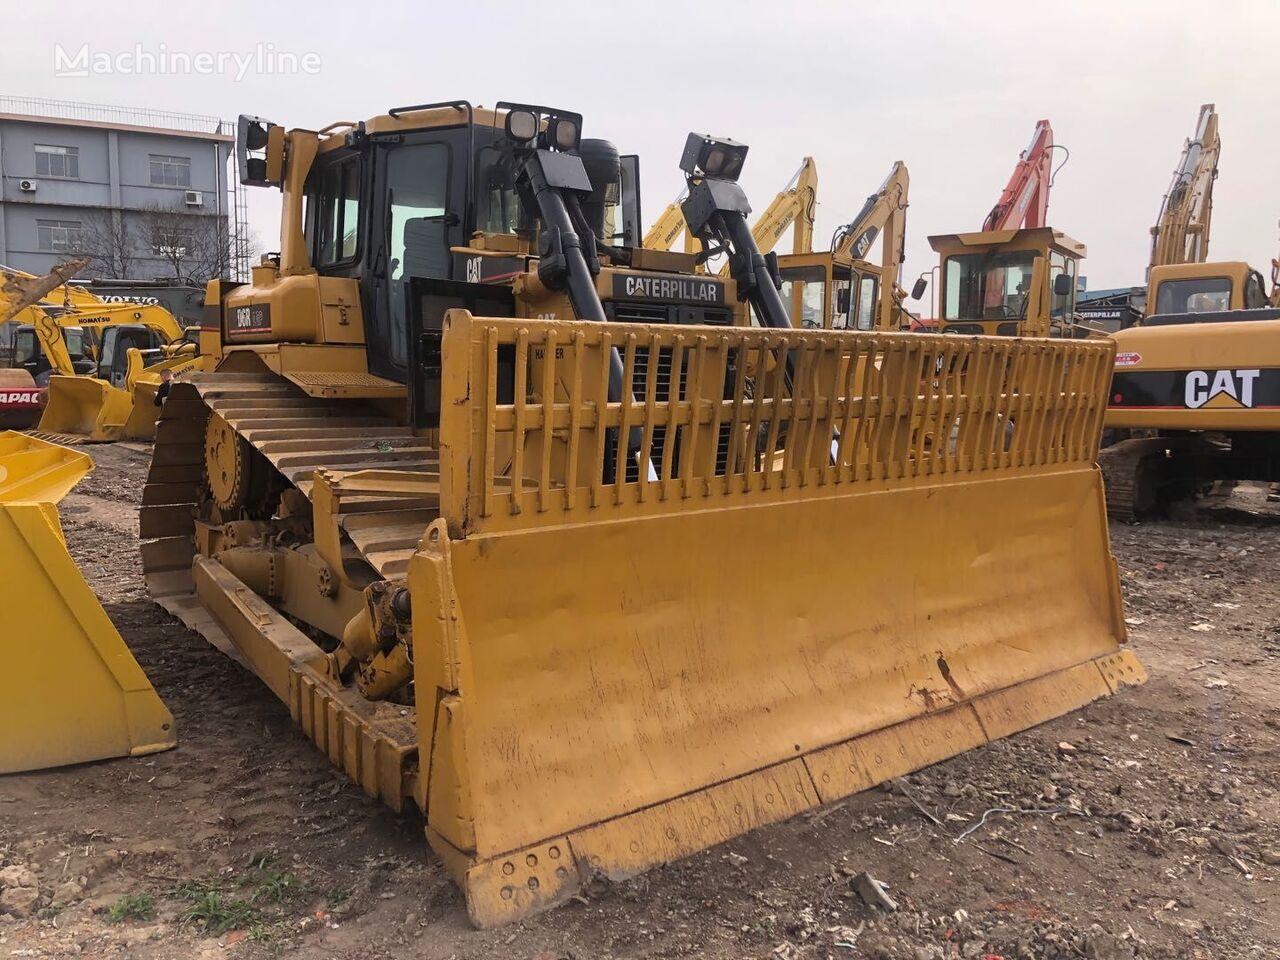 CATERPILLAR USED  CAT  D6R  BULLDOZER  FOR  SALE bulldozer